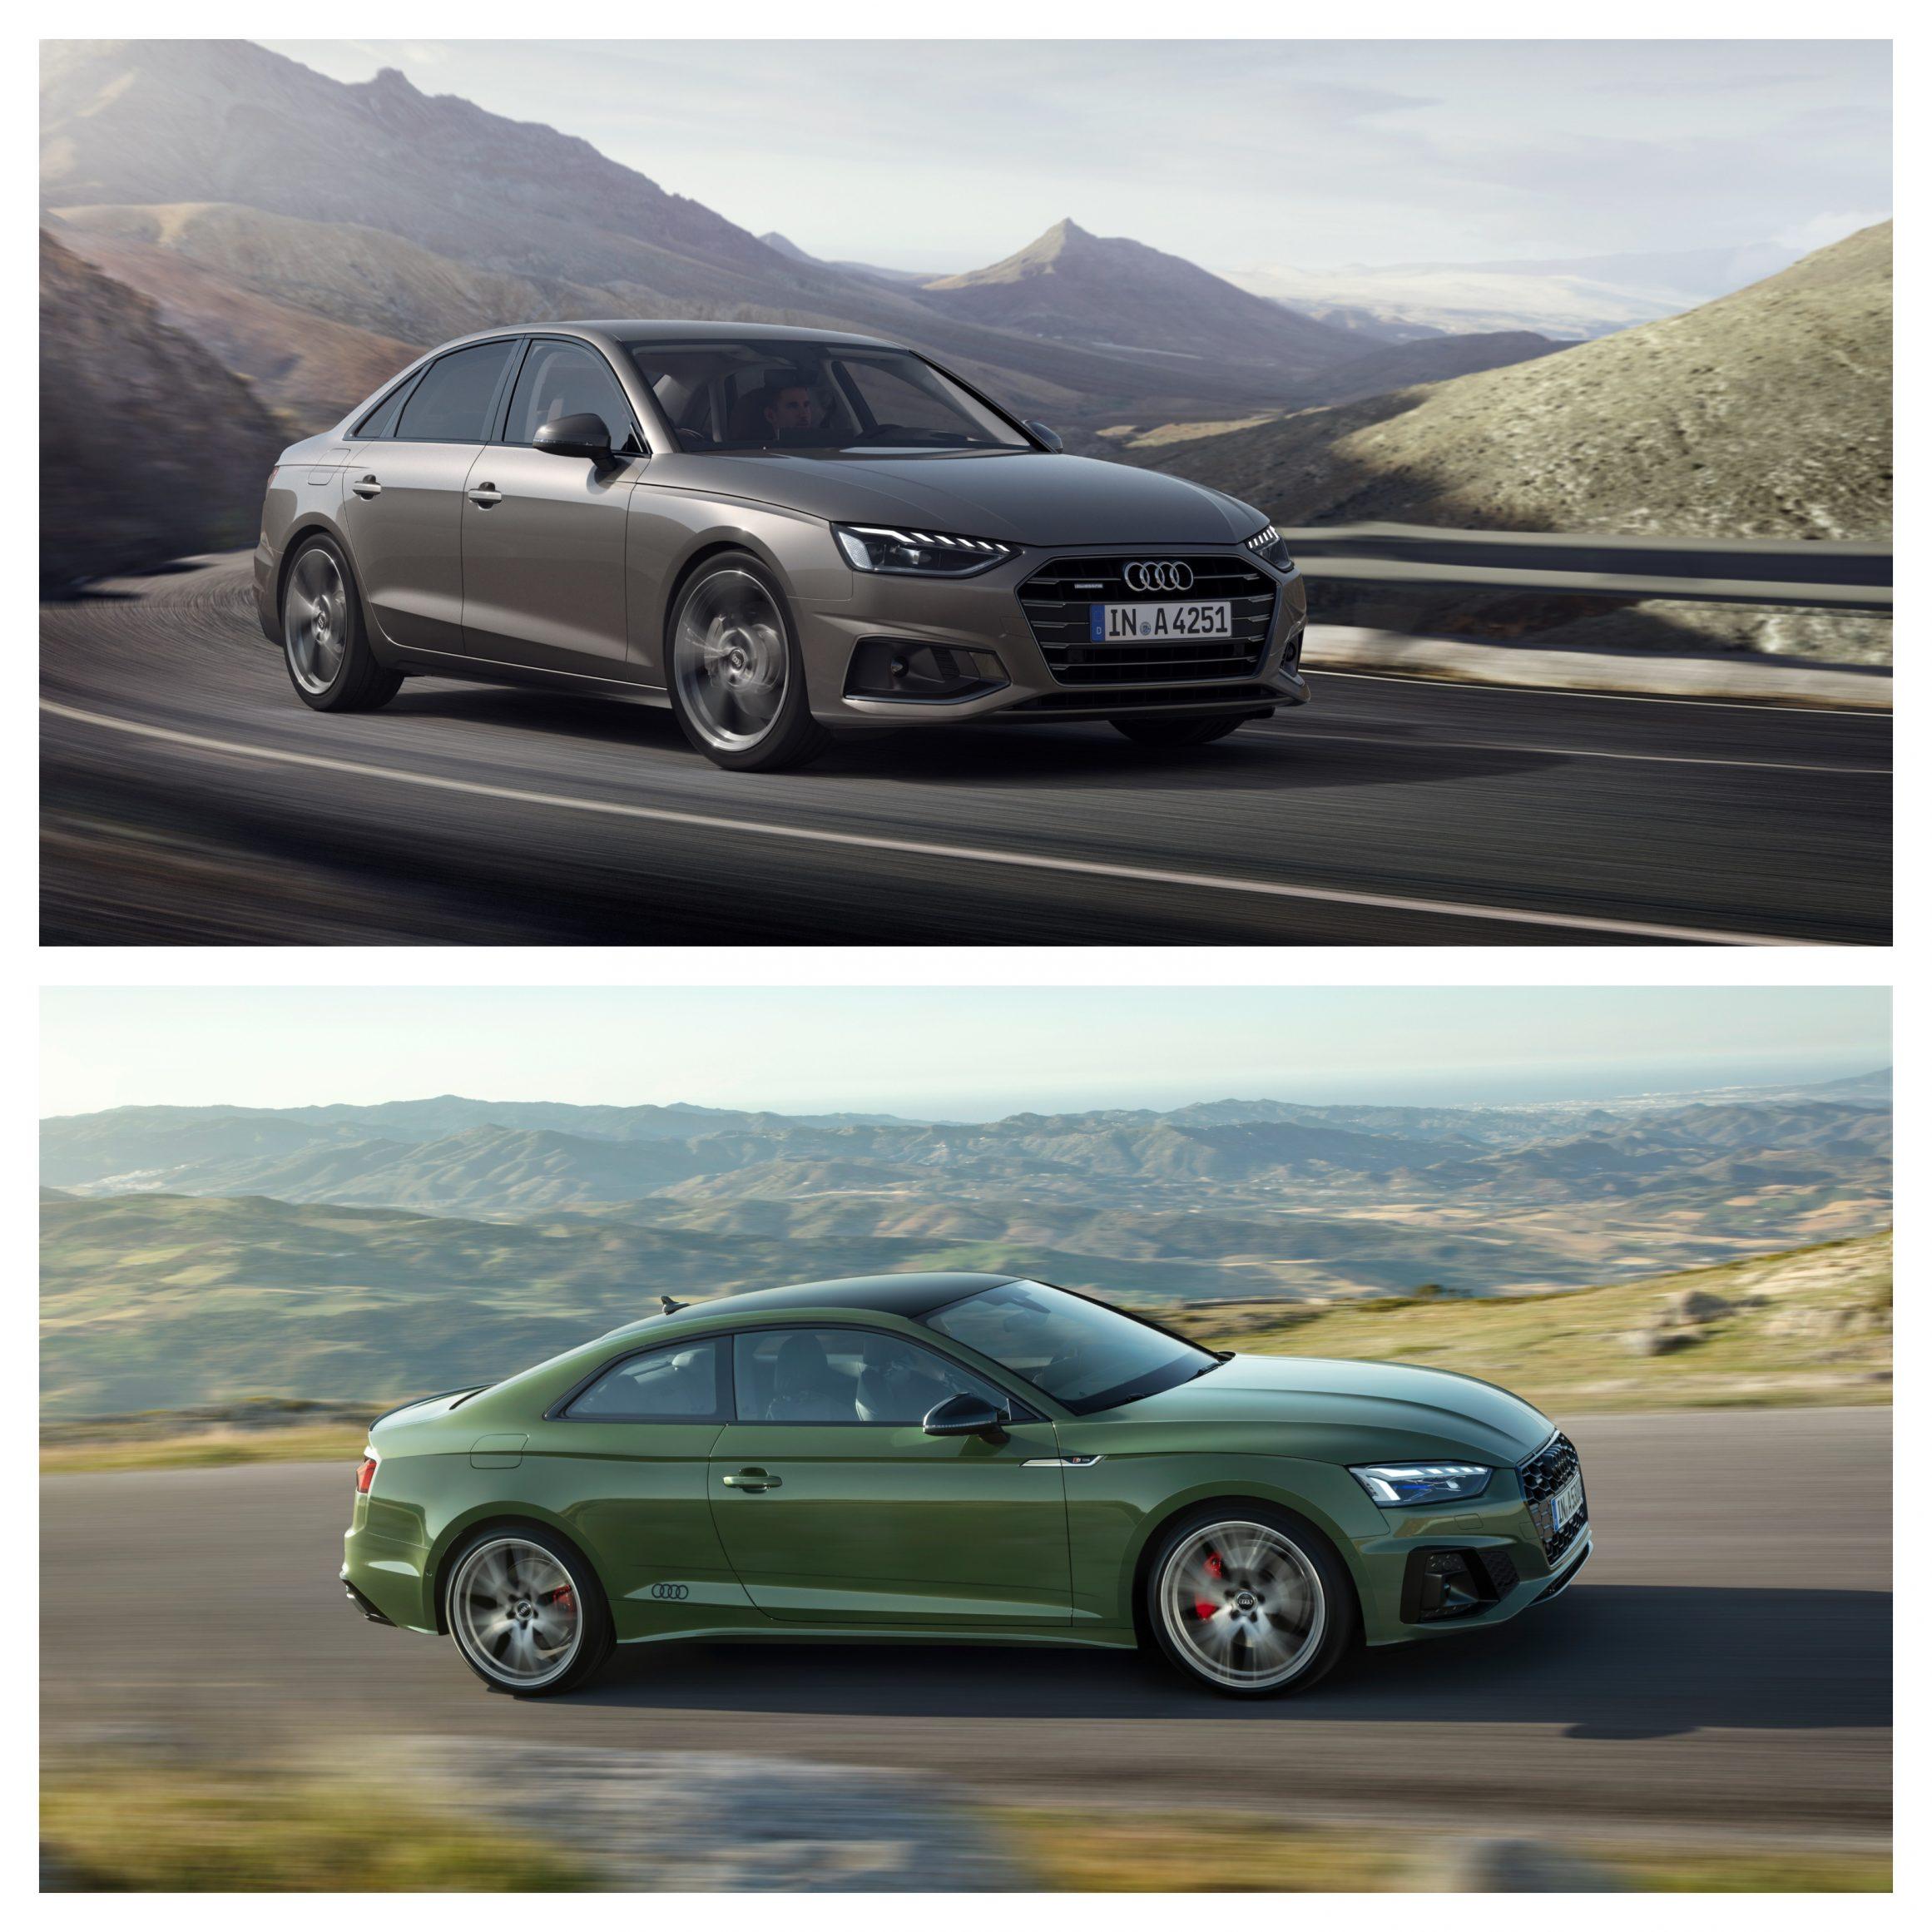 Audi A4 Vs Audi A5 - exterior design